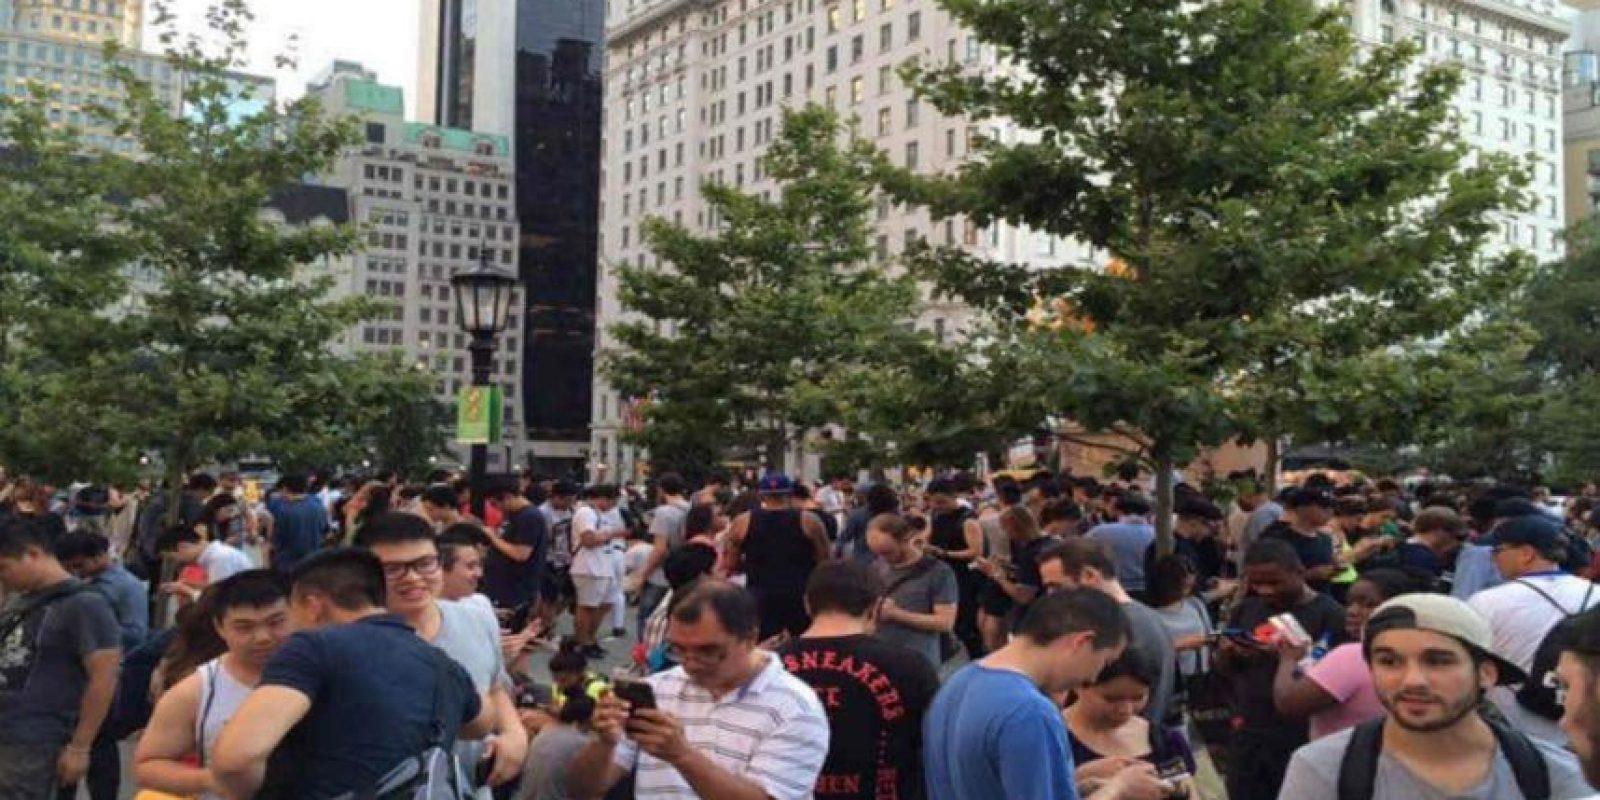 Gente de todas las culturas jugando en Central Park. Foto:Twitter. Imagen Por: